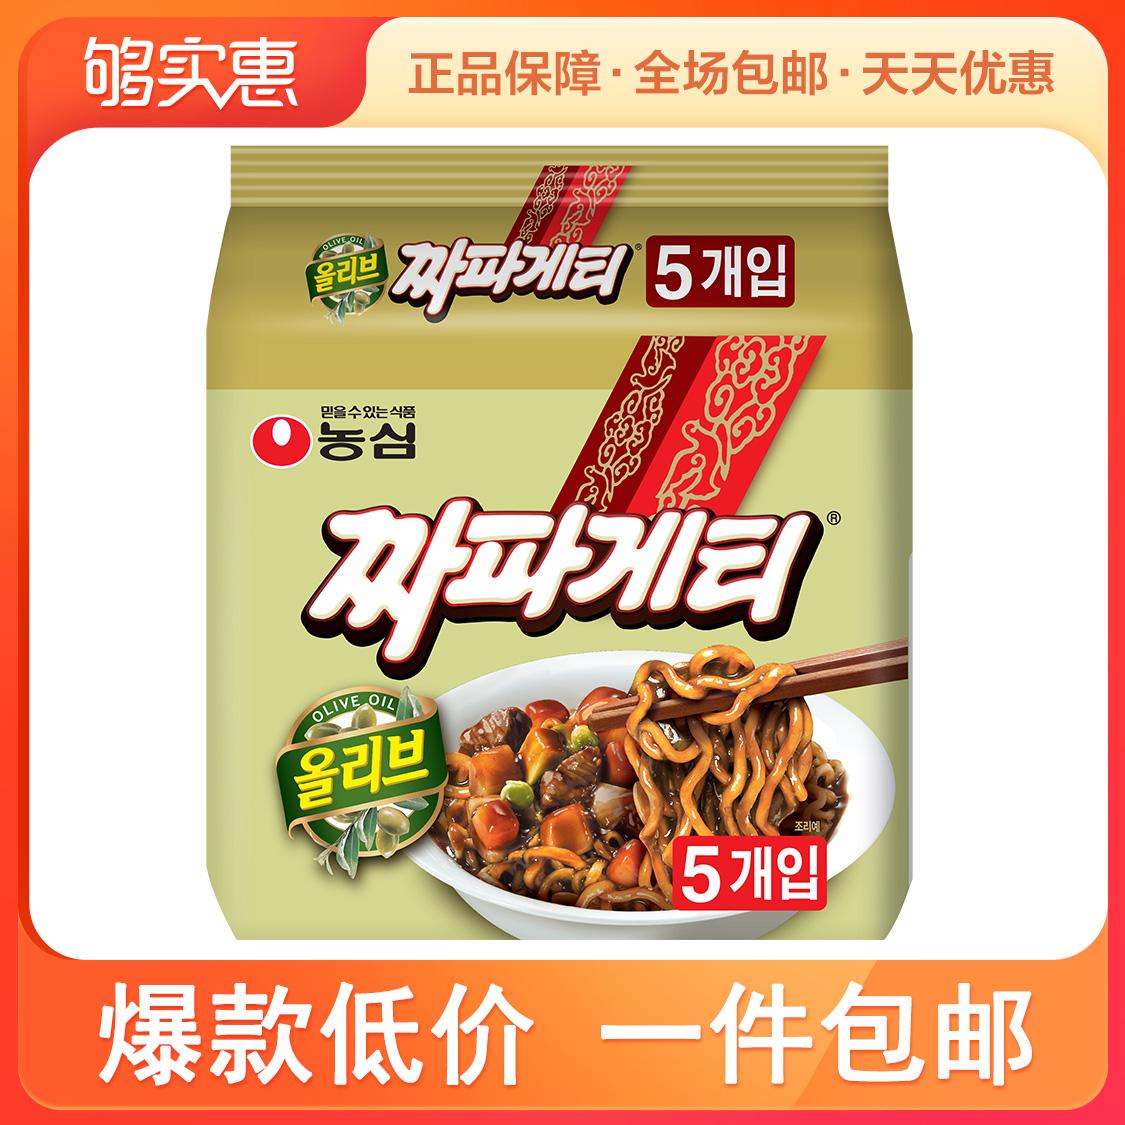 农心韩国进口韩式炸酱面140gx5袋杂酱面方便面整袋装 非火鸡面